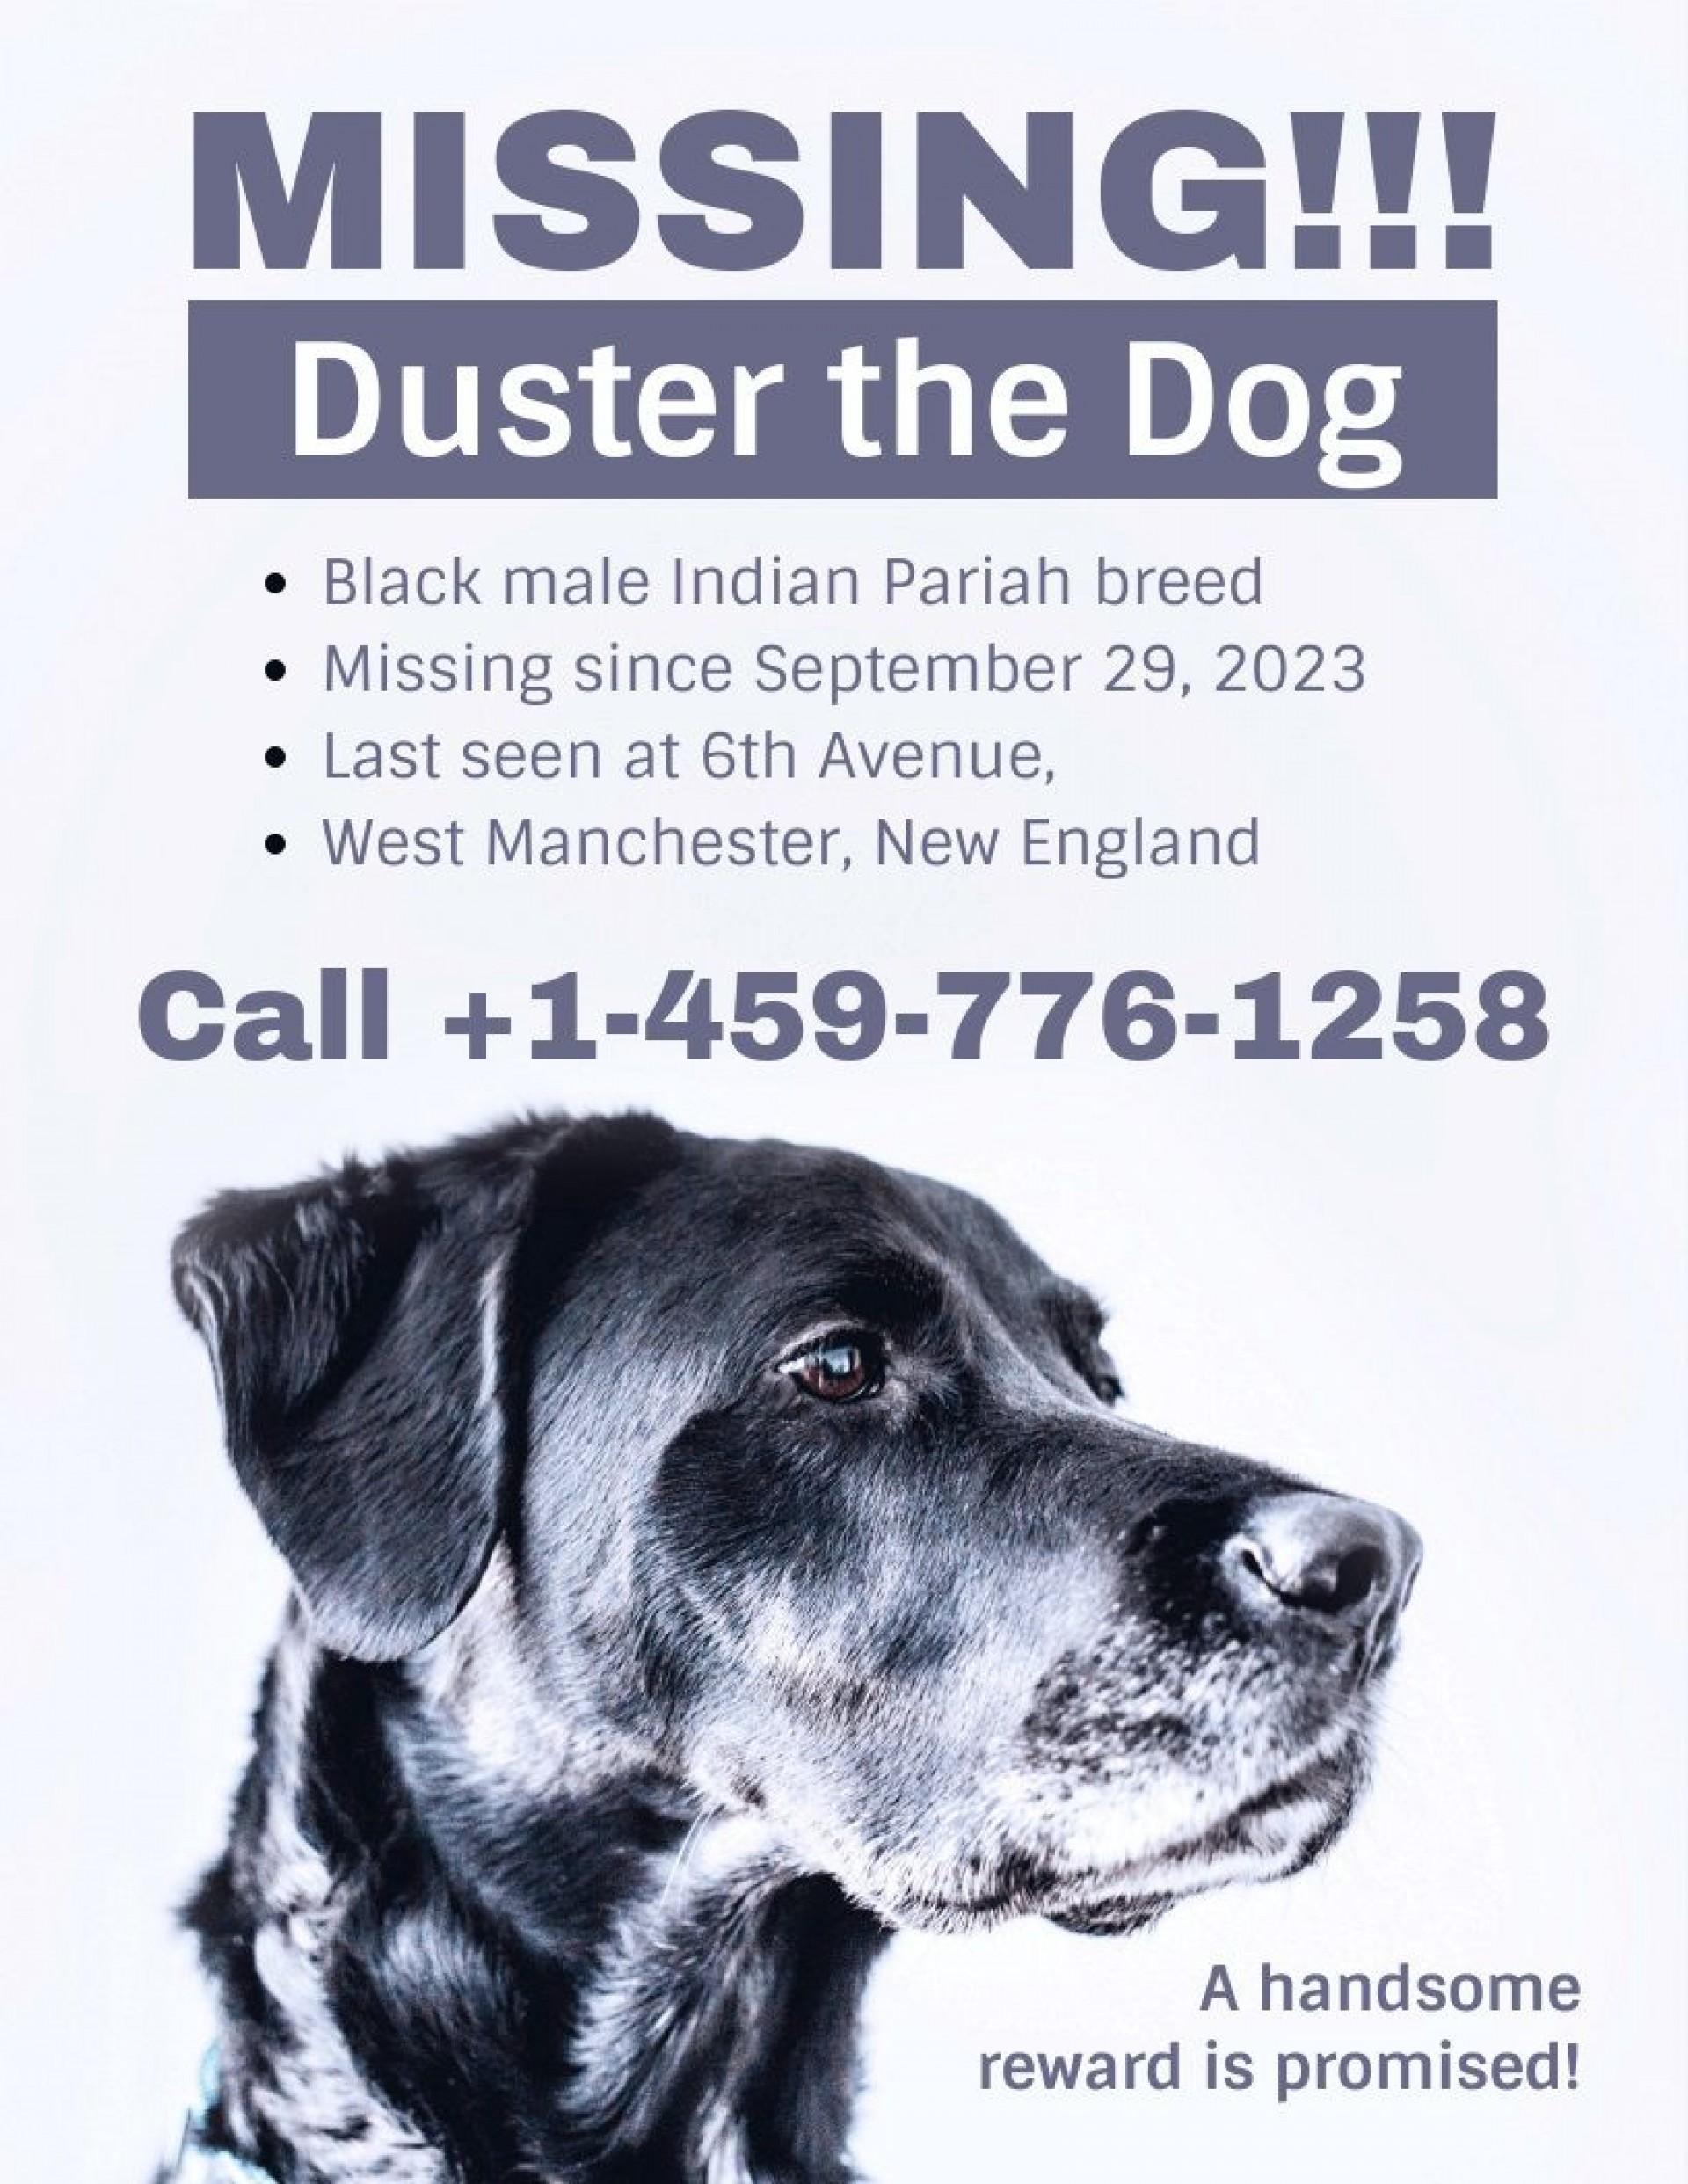 001 Striking Missing Pet Poster Template Design  Free Uk1920